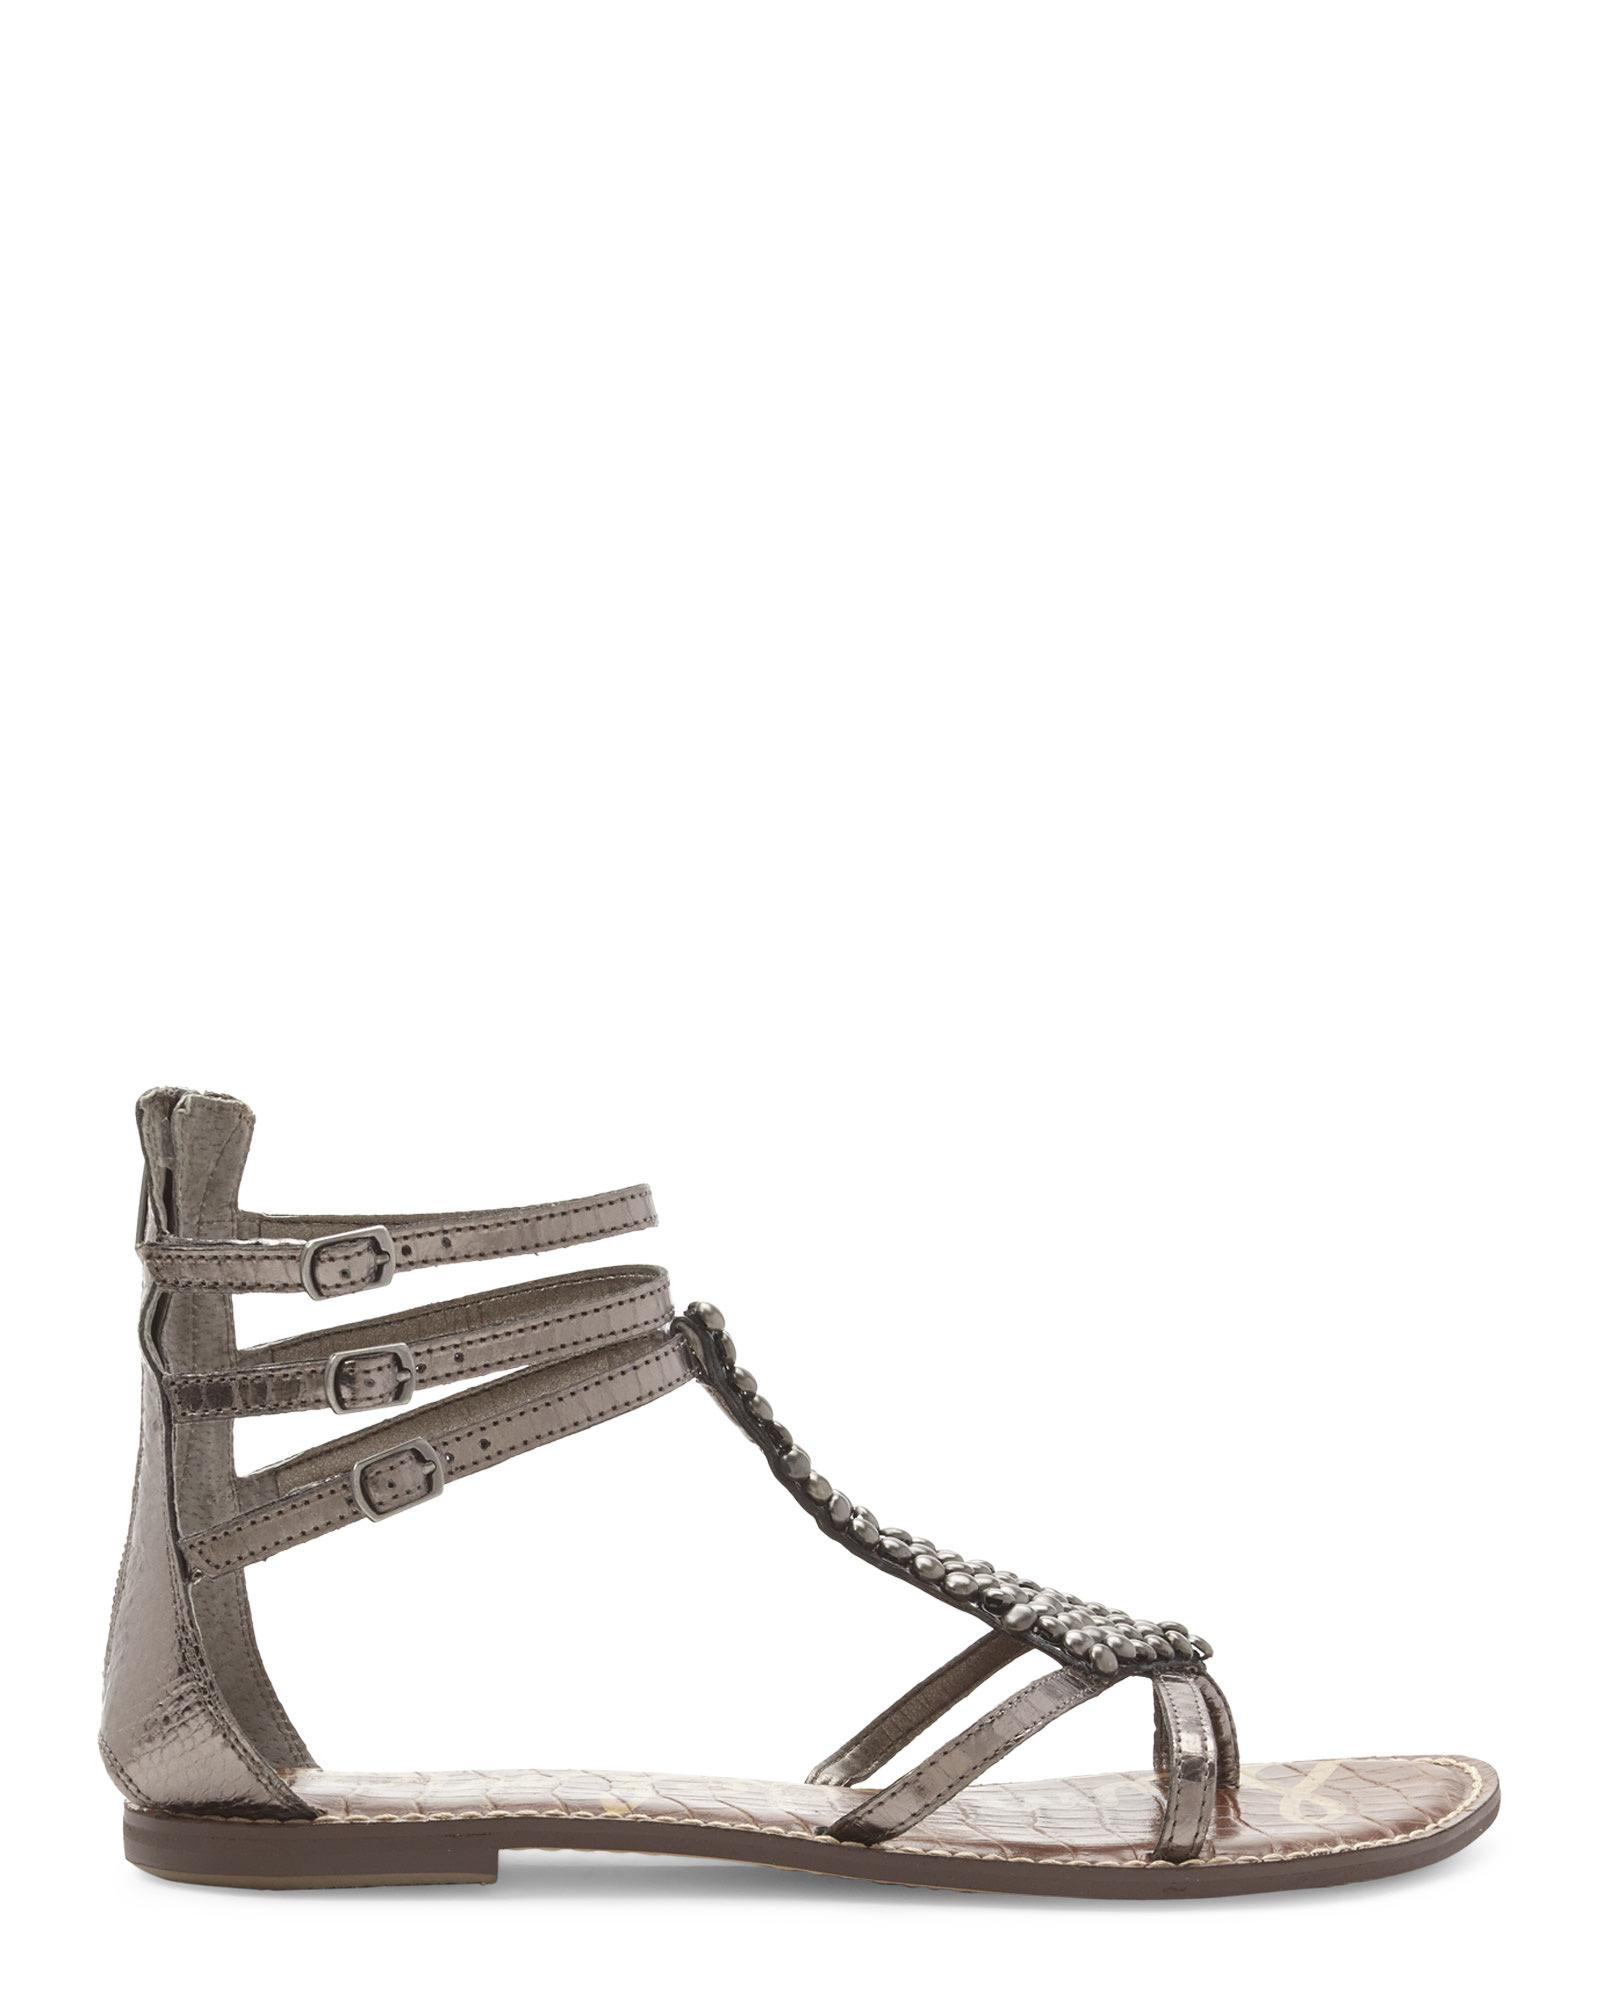 b9f7e0d5b82d Lyst - Sam Edelman Pewter Ginger Embellished Gladiator Sandals in ...